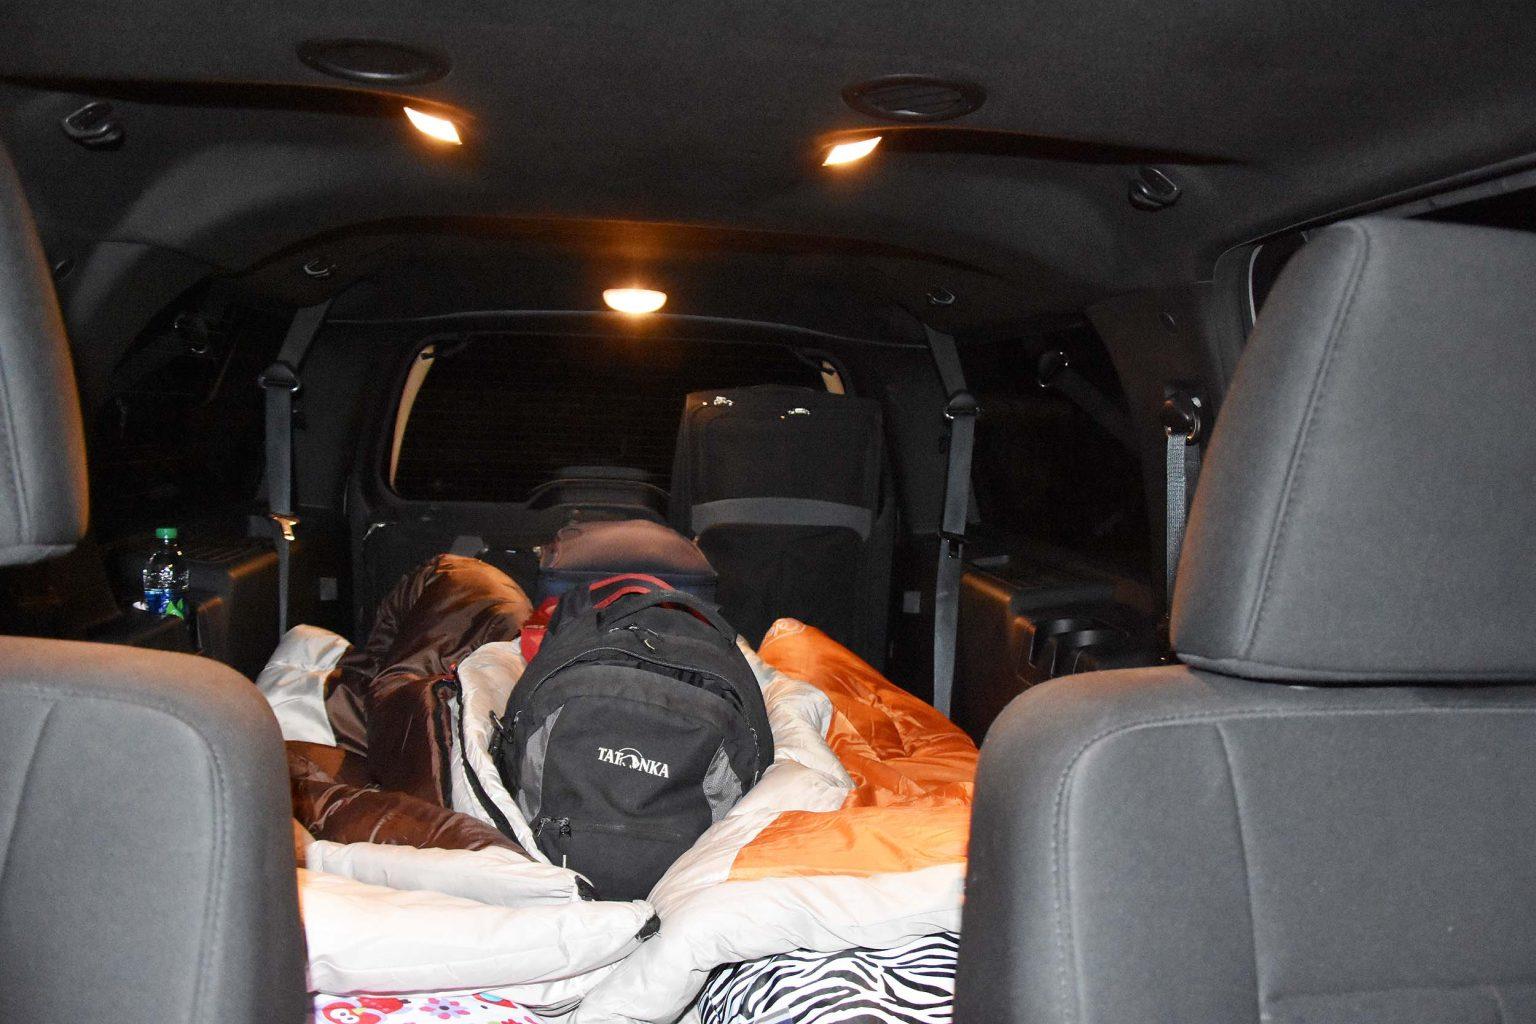 Rechts und links die Schlafsäcke